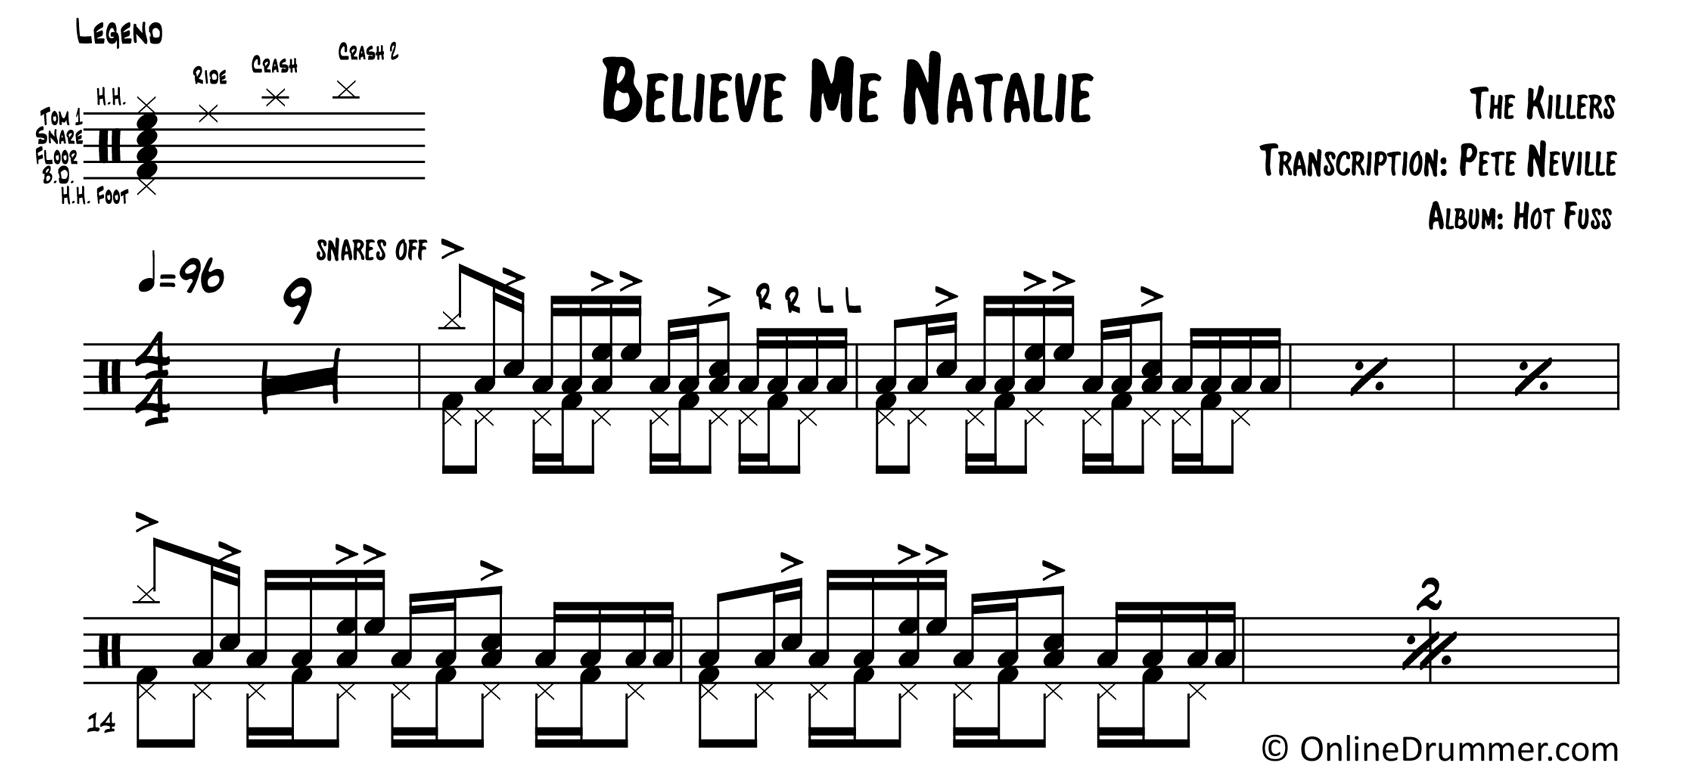 Believe Me Natalie - The Killers - Drum Sheet Music